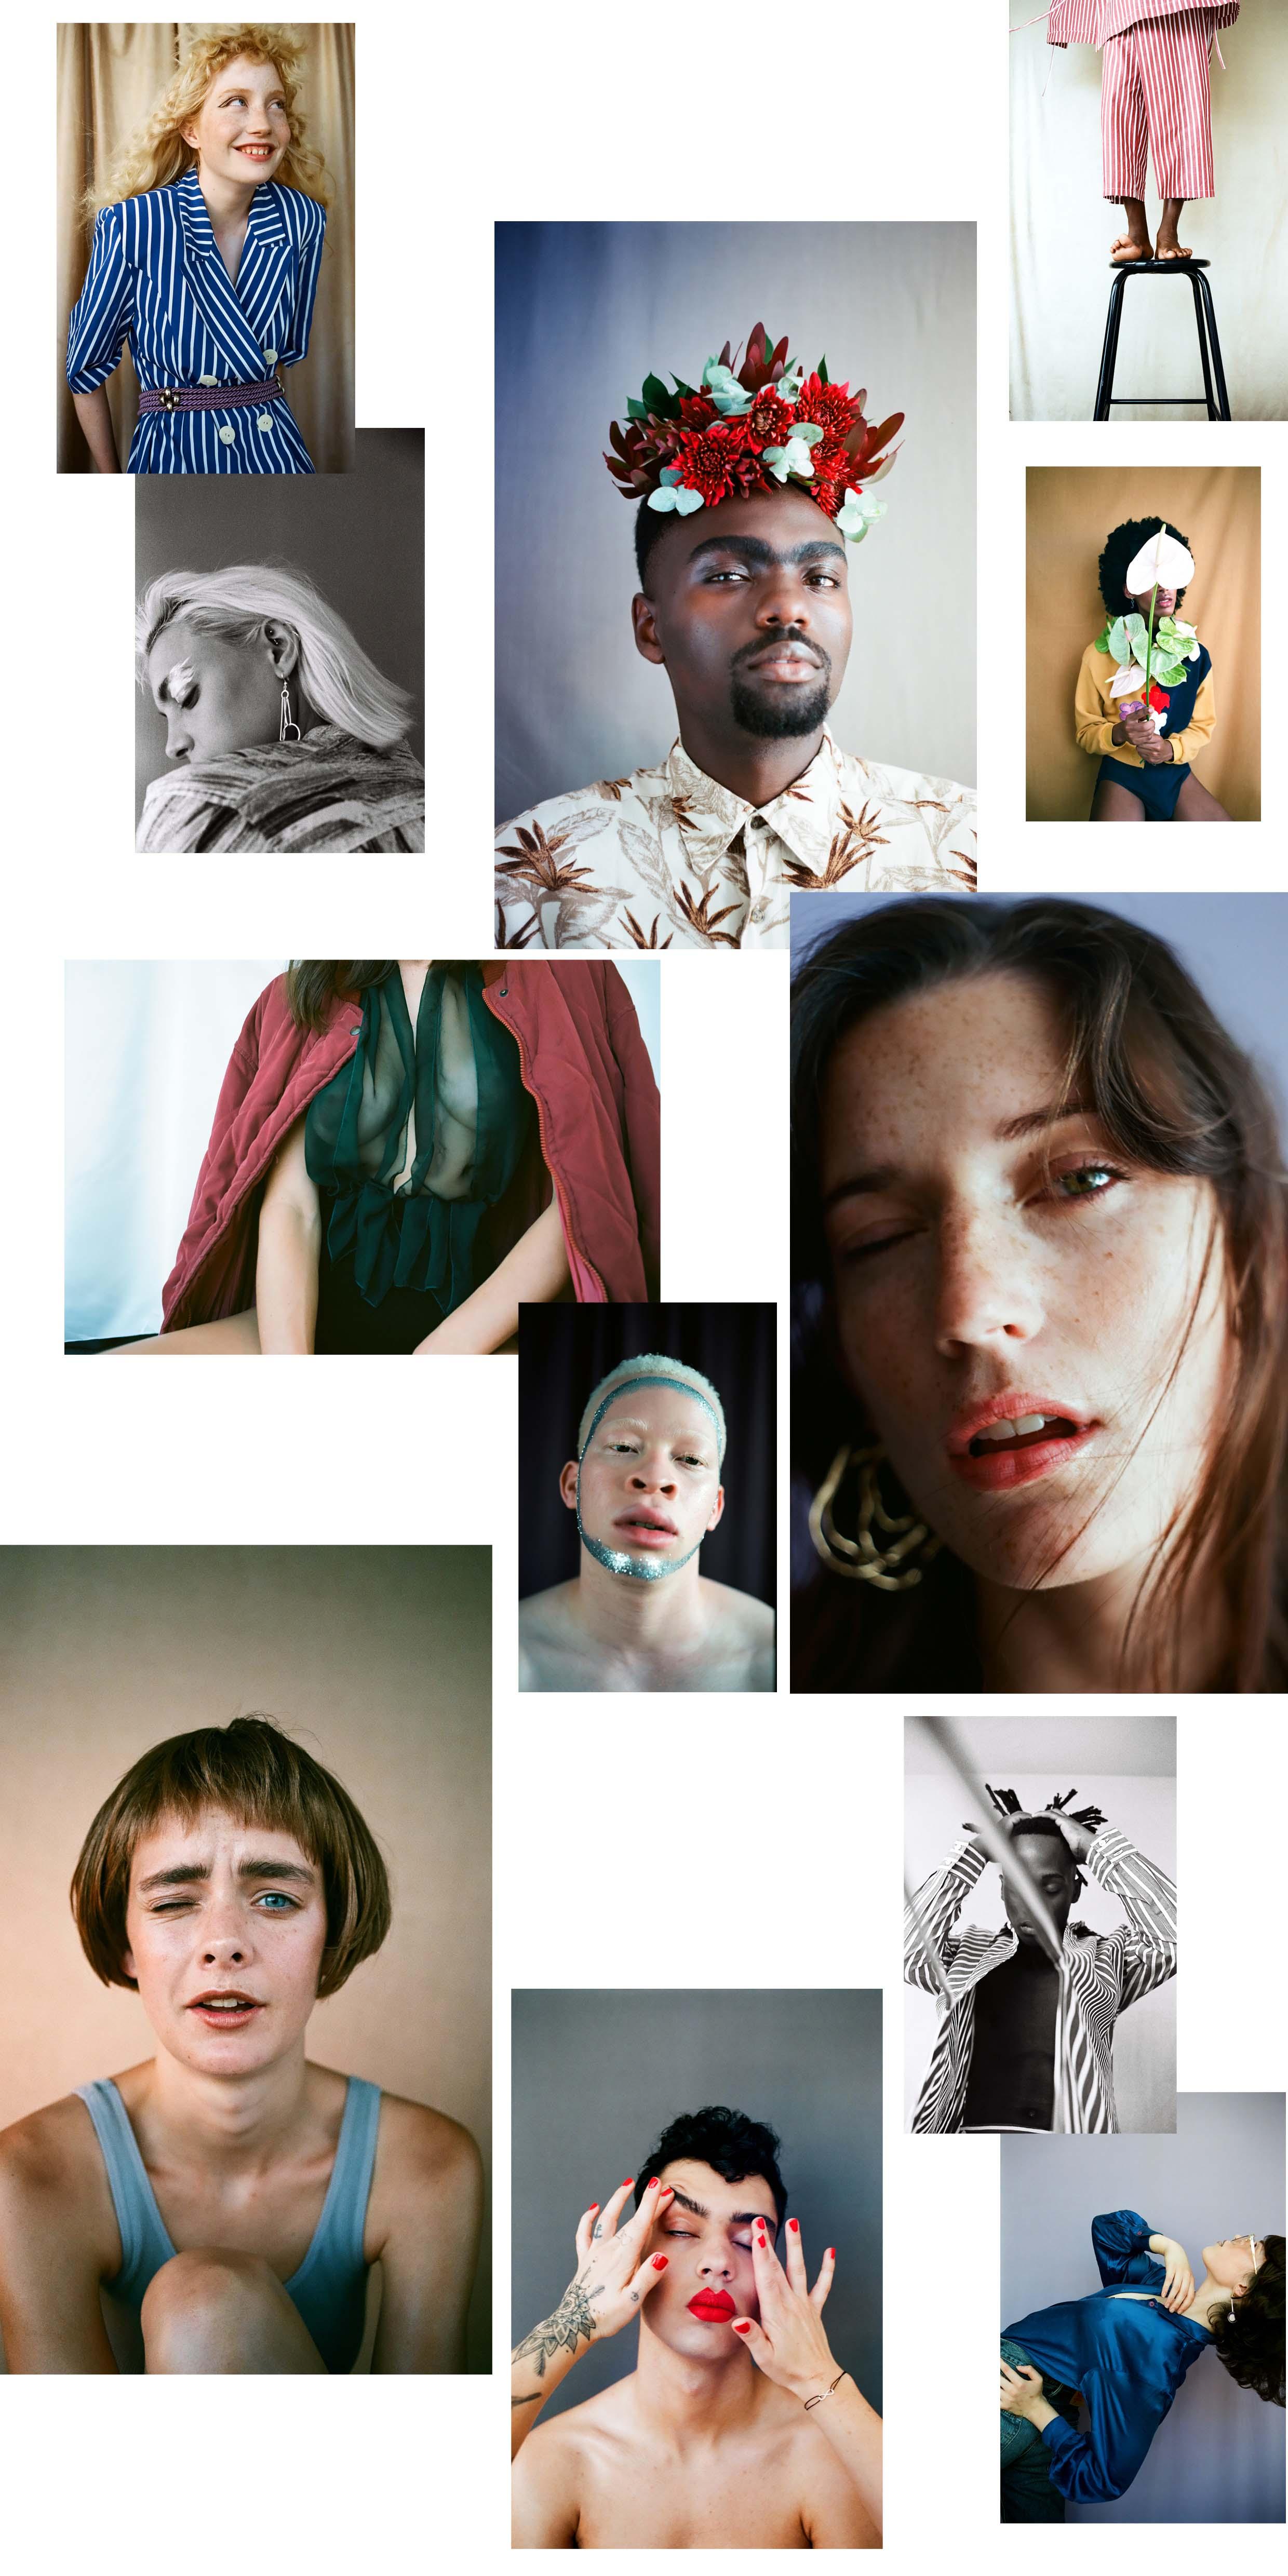 portrait days instagram collage.jpg